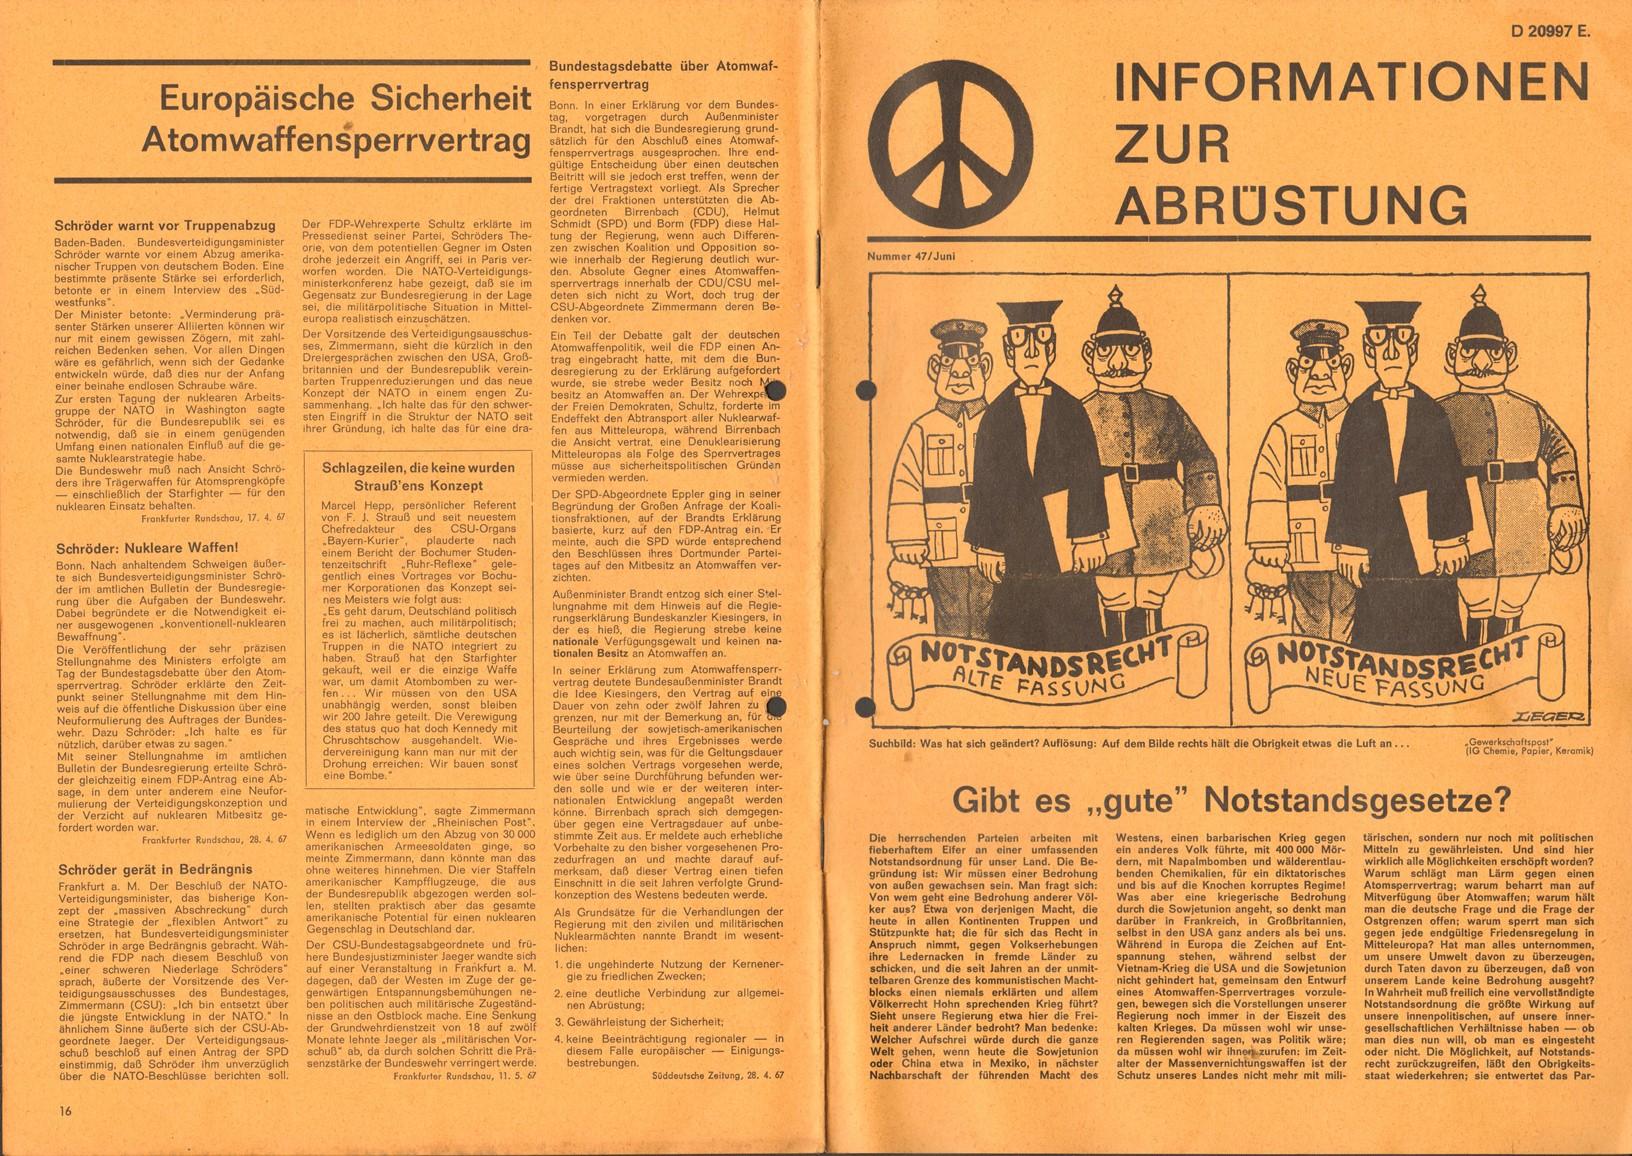 Informationen_zur_Abruestung_1967_047_001